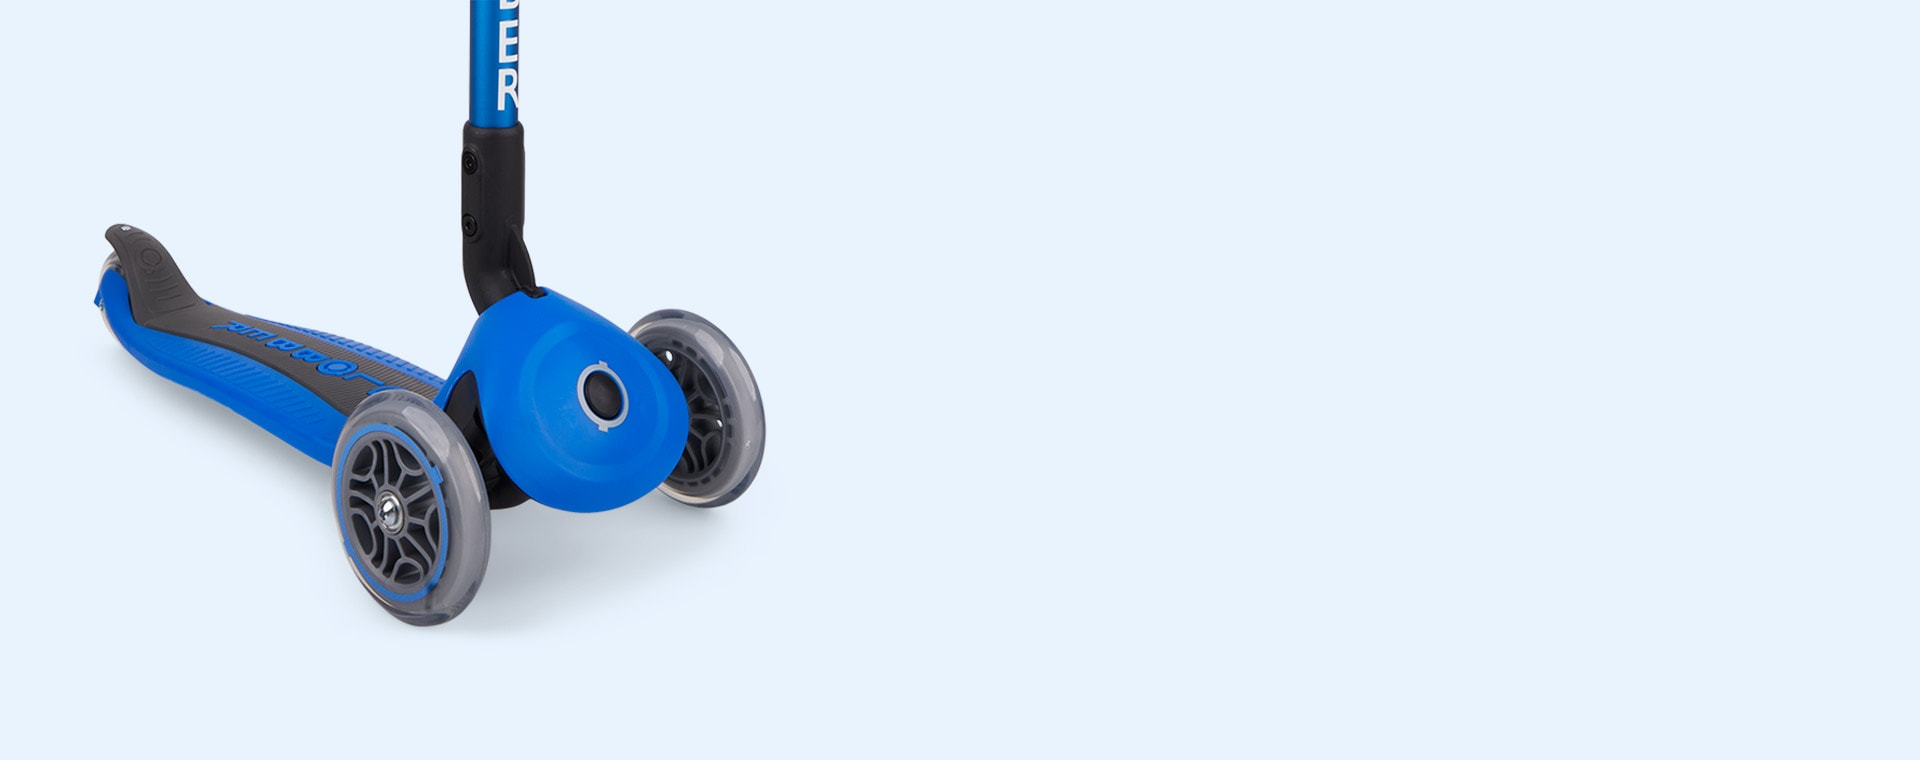 Navy Blue Globber Junior Foldable